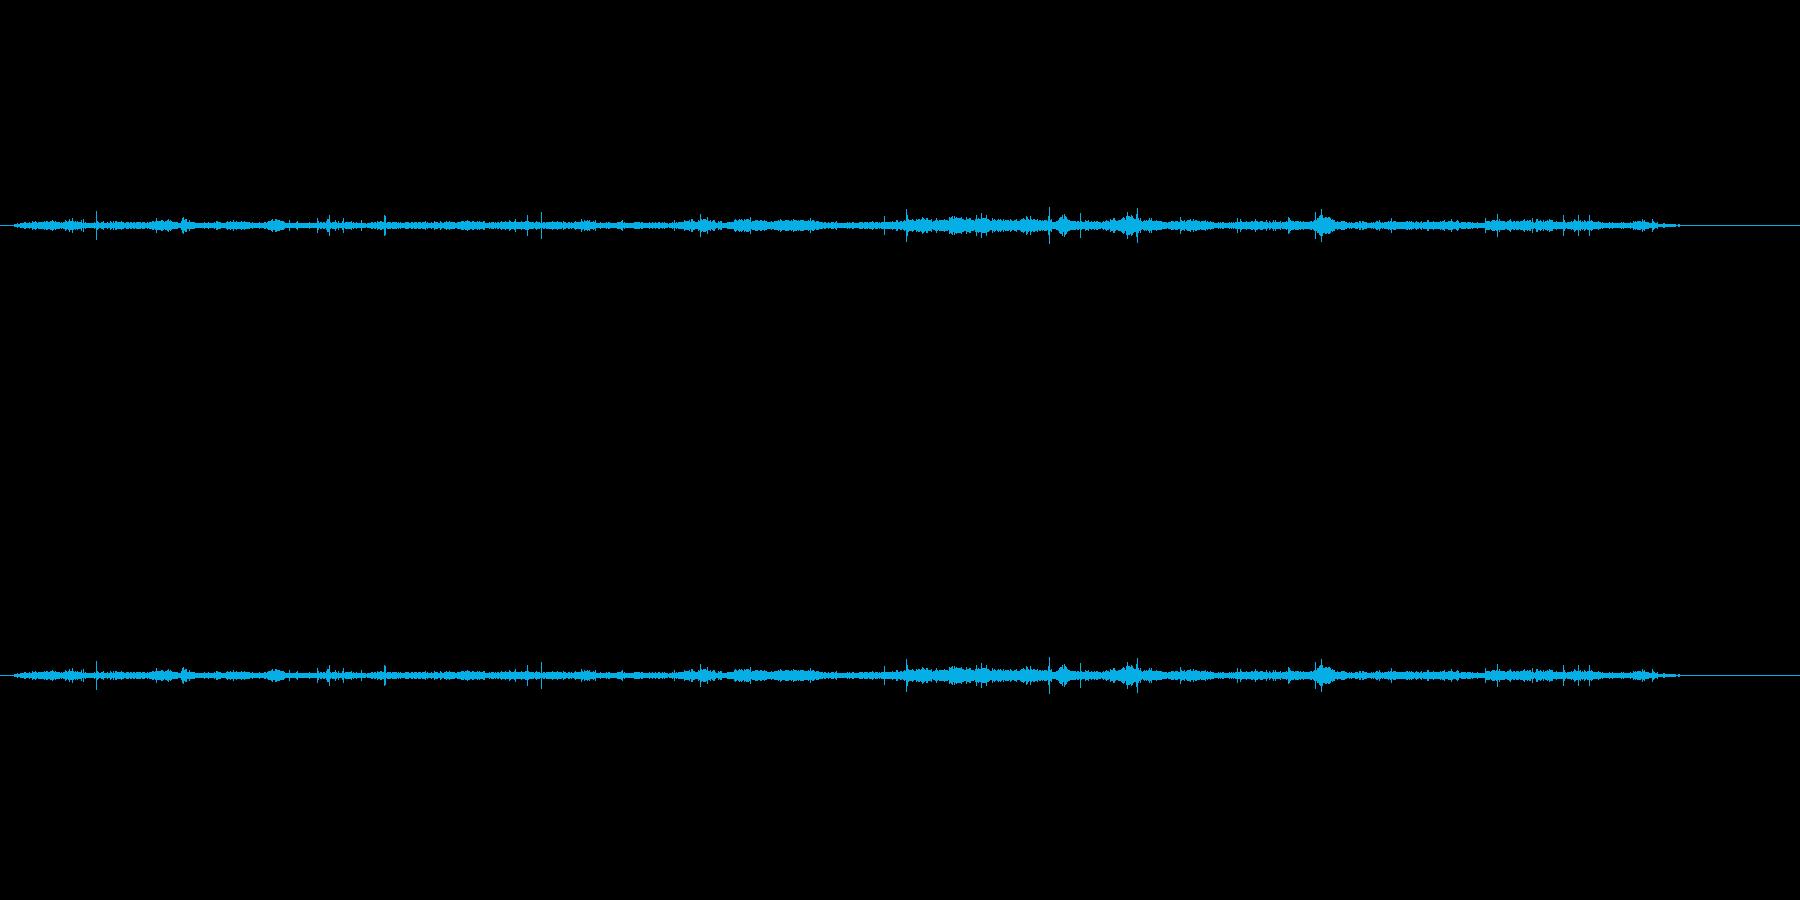 ハローでなめらかな波の再生済みの波形